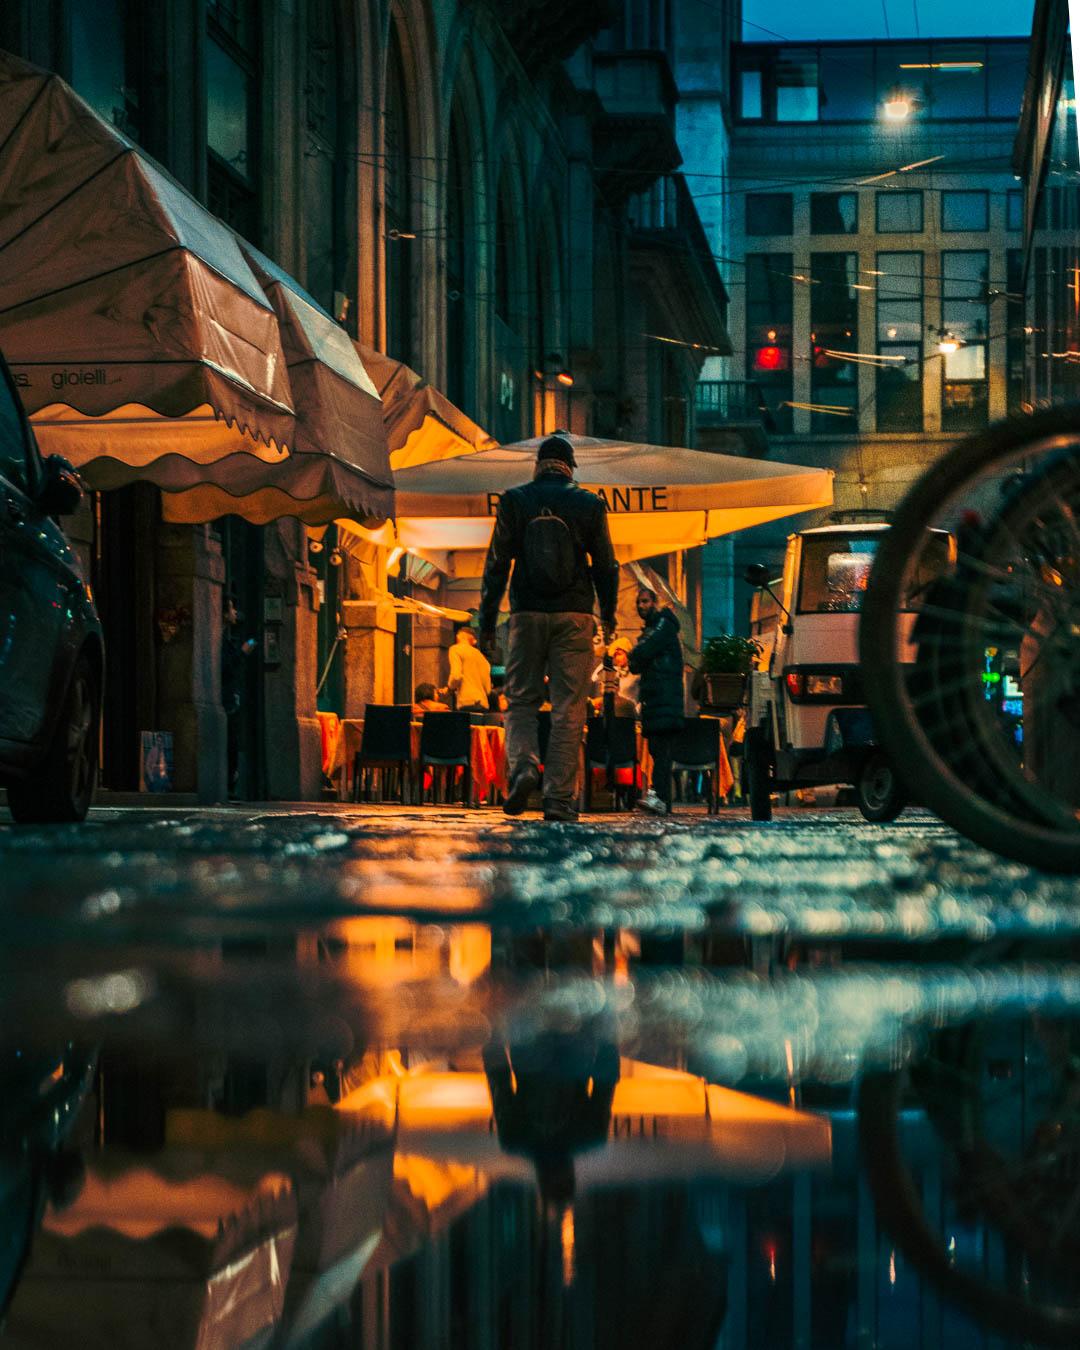 Street_9